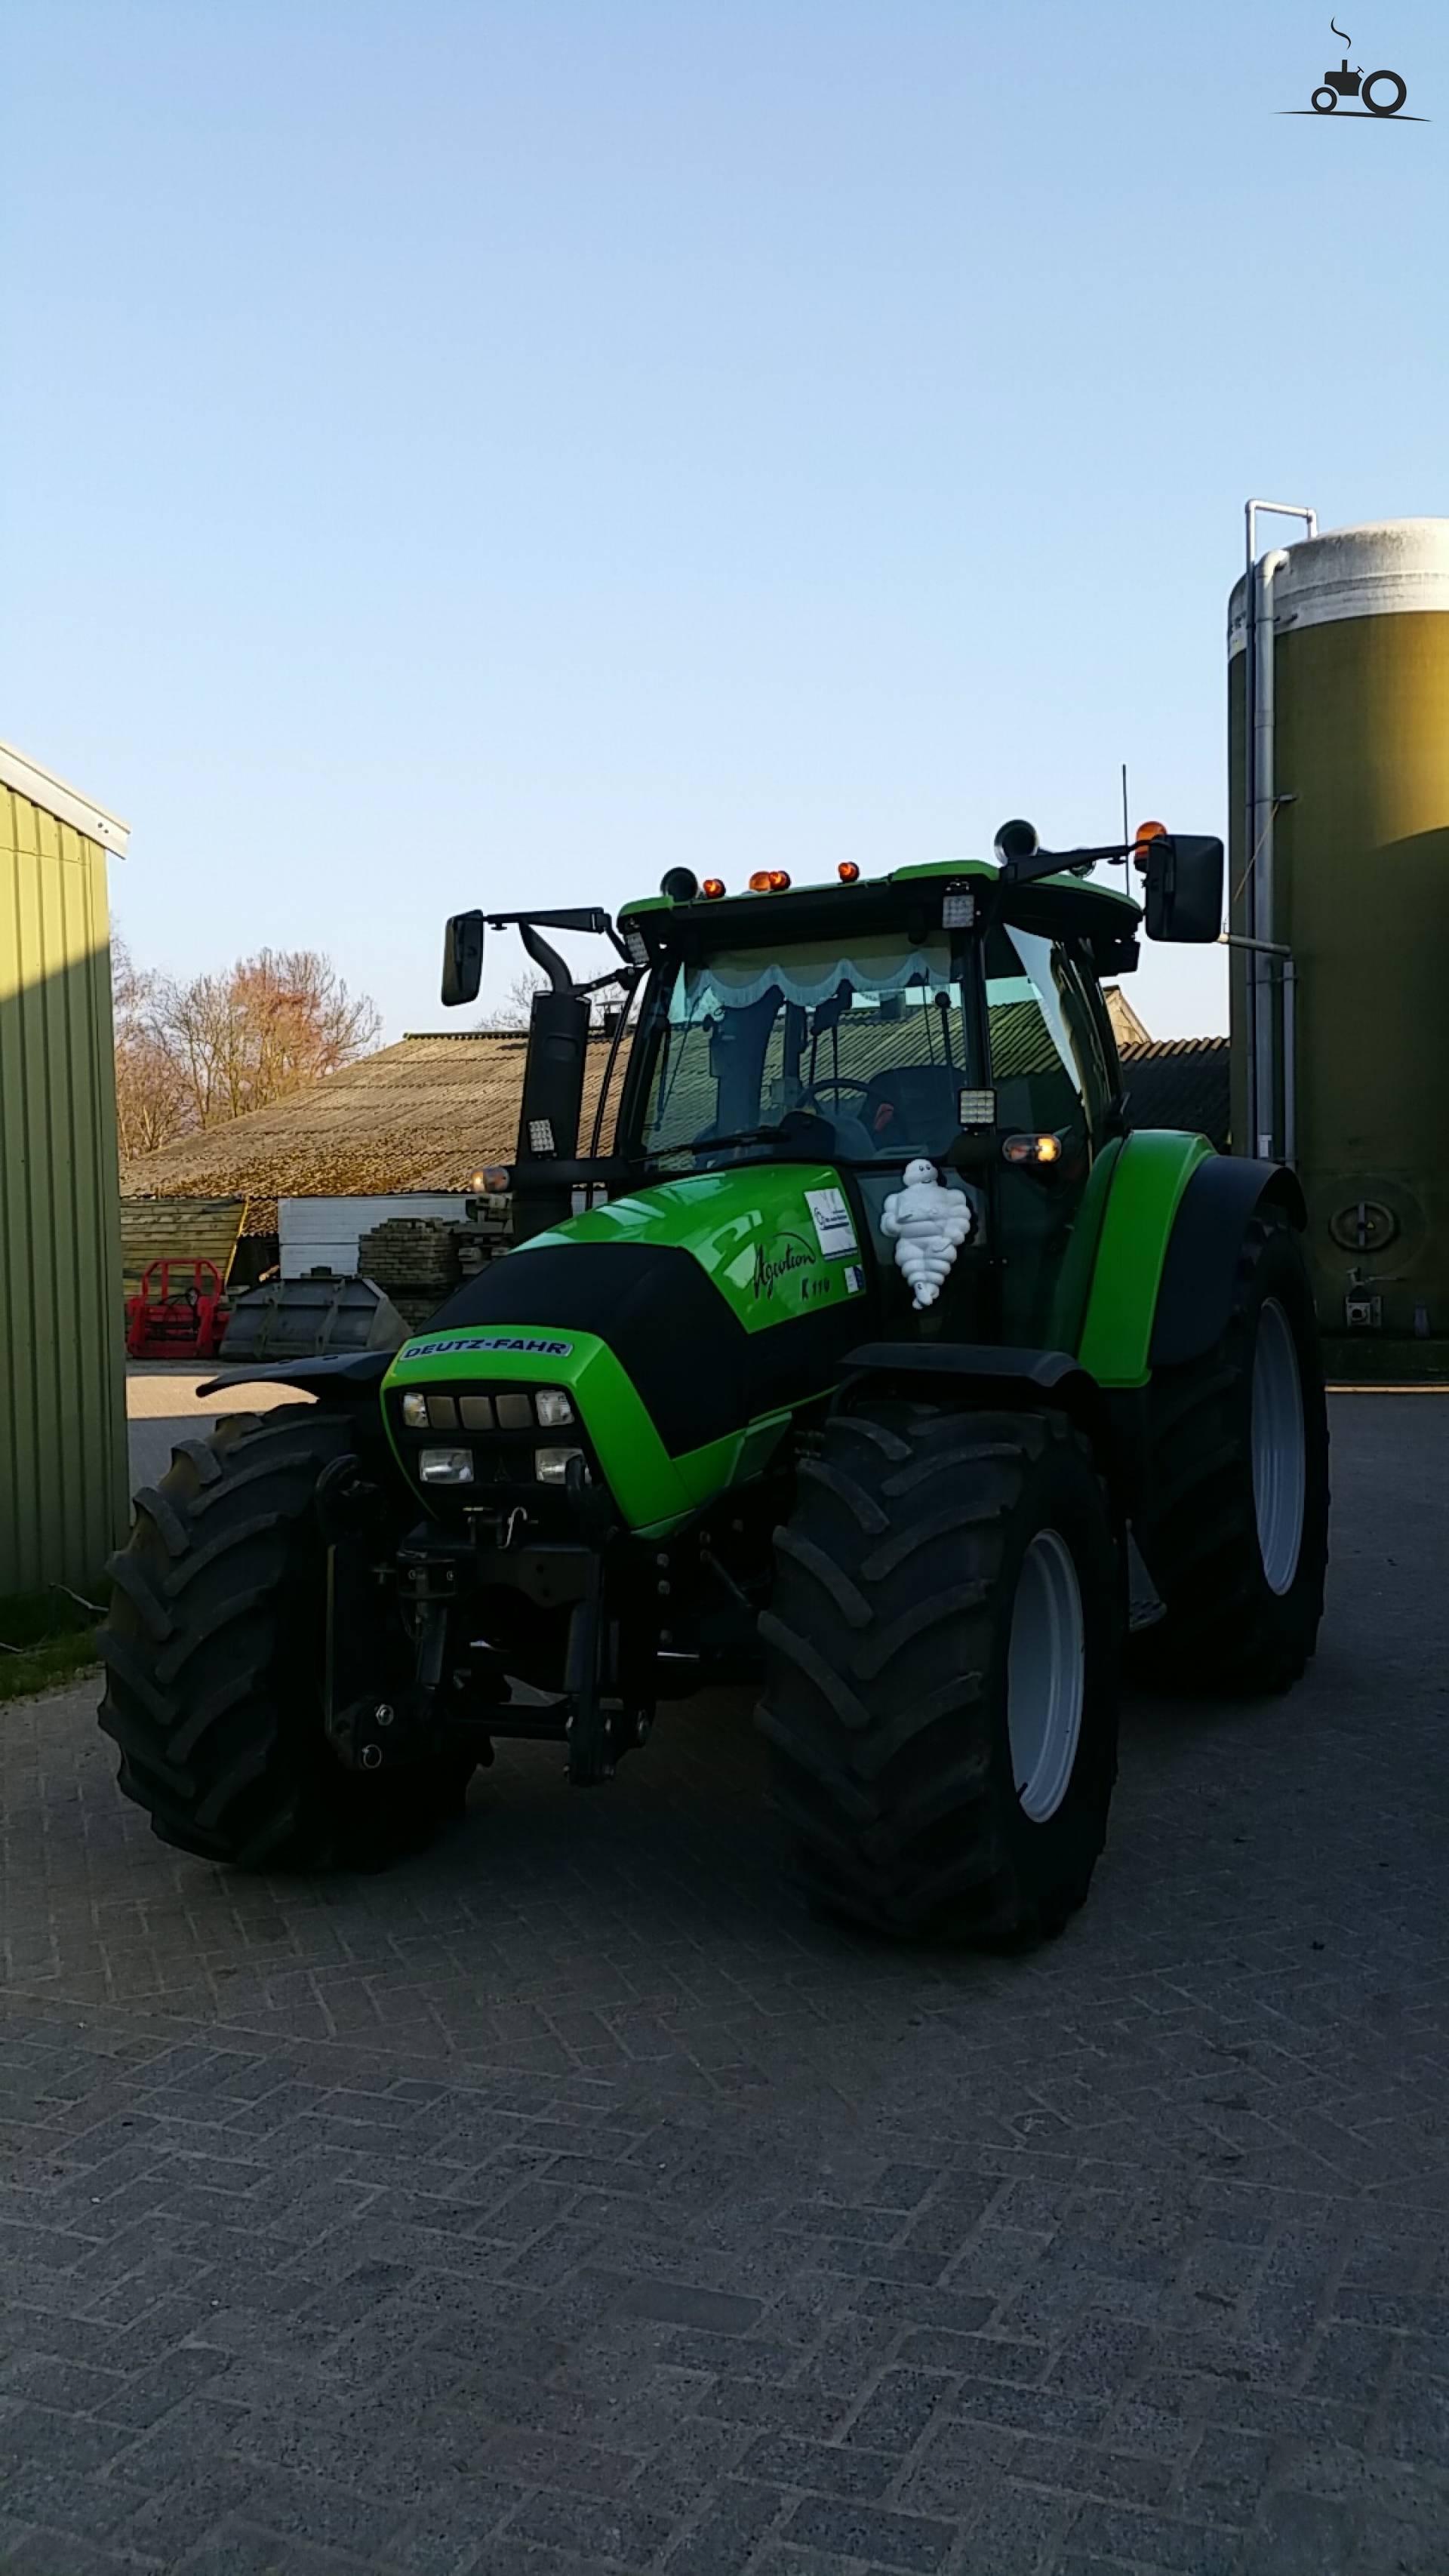 tractor fan www